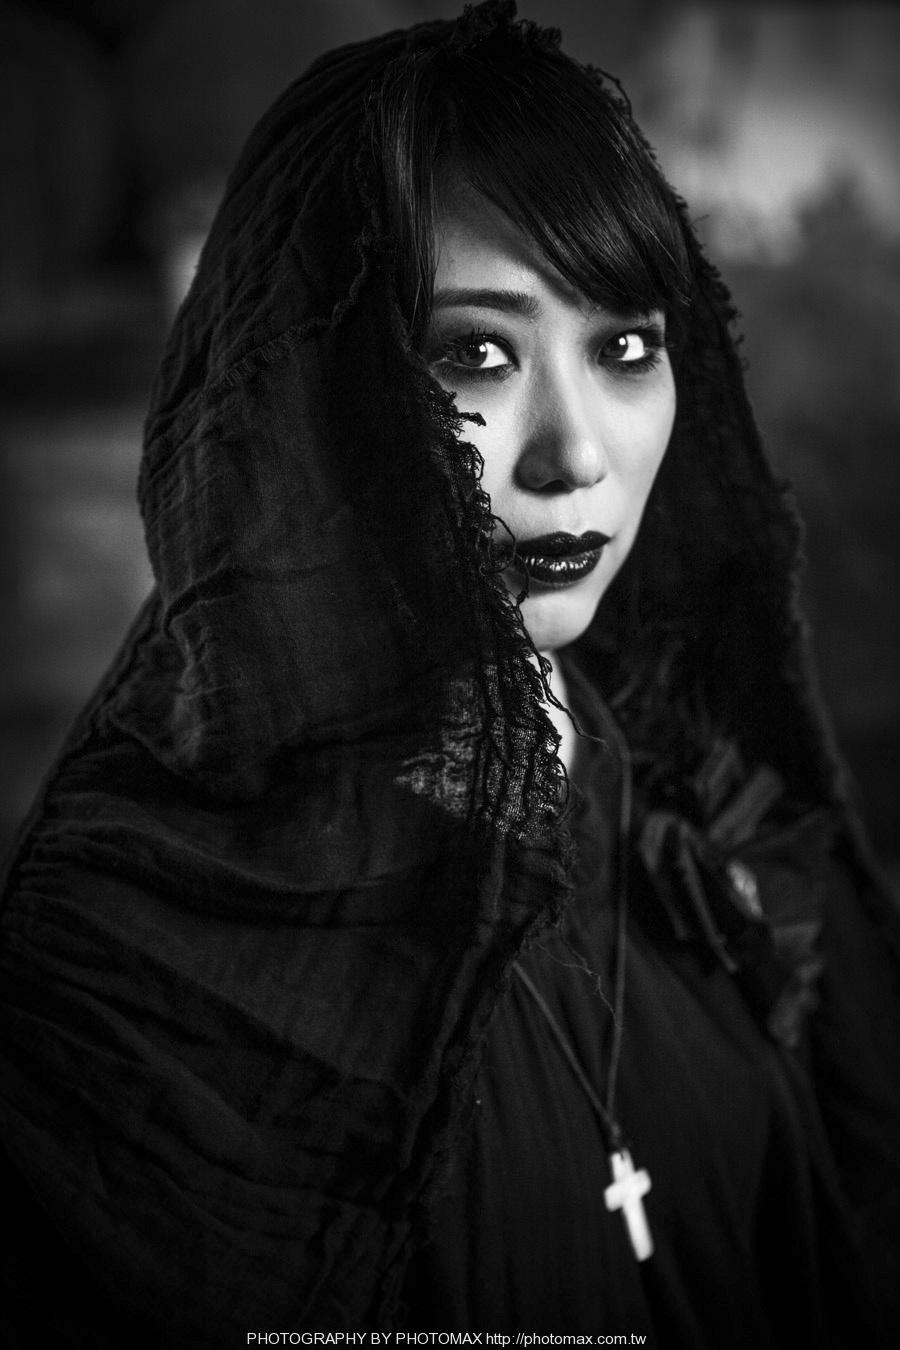 顏妍 PHOTO MAX 老麦摄影 PHOTOMAX 非主流写真 摇滚 贝斯手 (4)